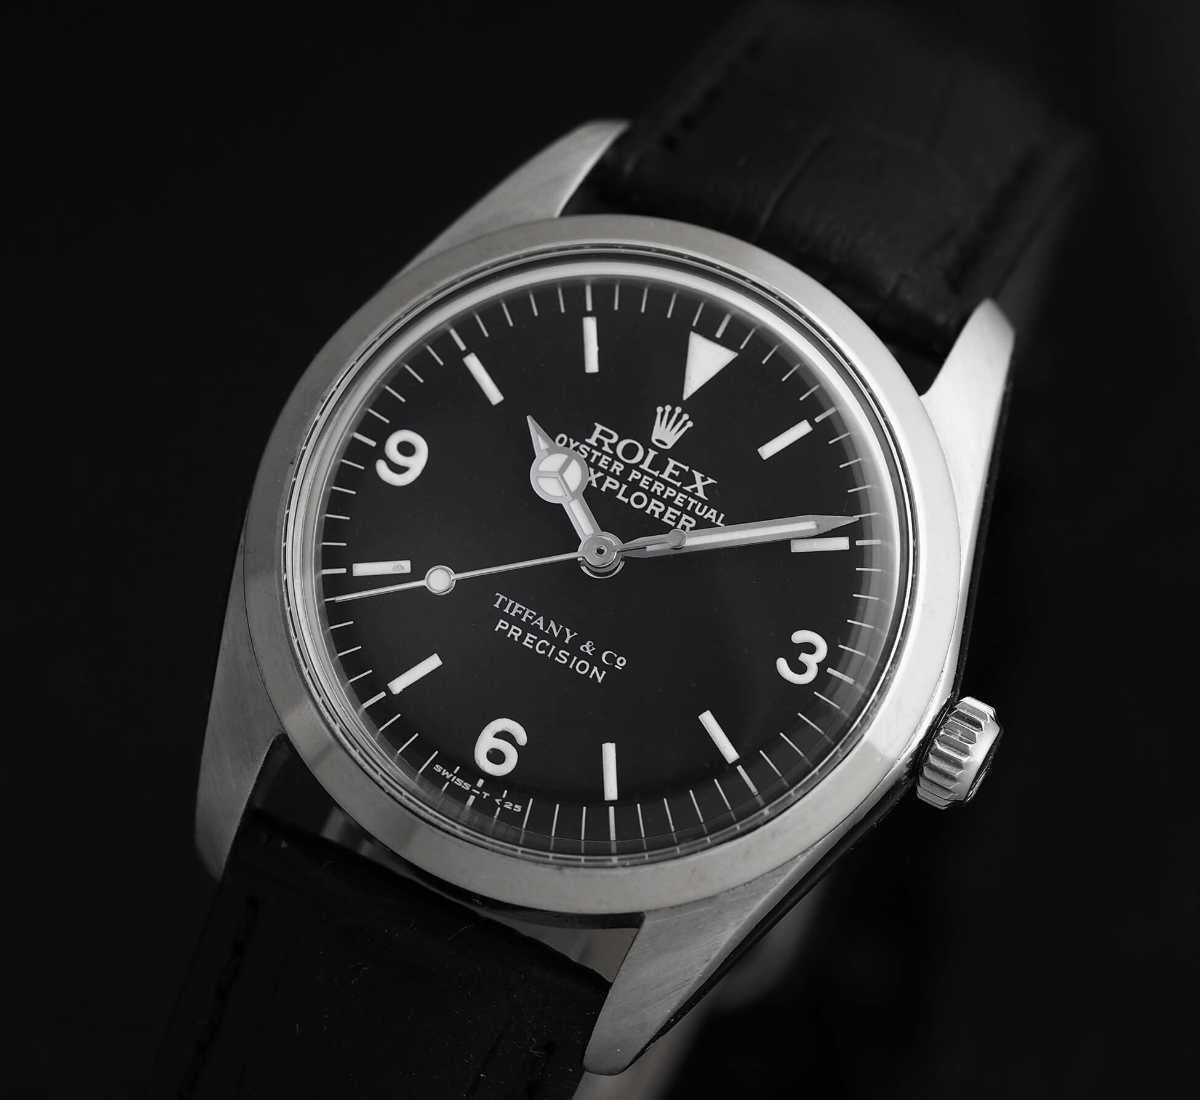 美品 ロレックス エクスプローラー 1972年製 オーバーホール済み ROLEX EXPLORER ヴィンテージ アンティークウォッチ 手巻き 機械式時計